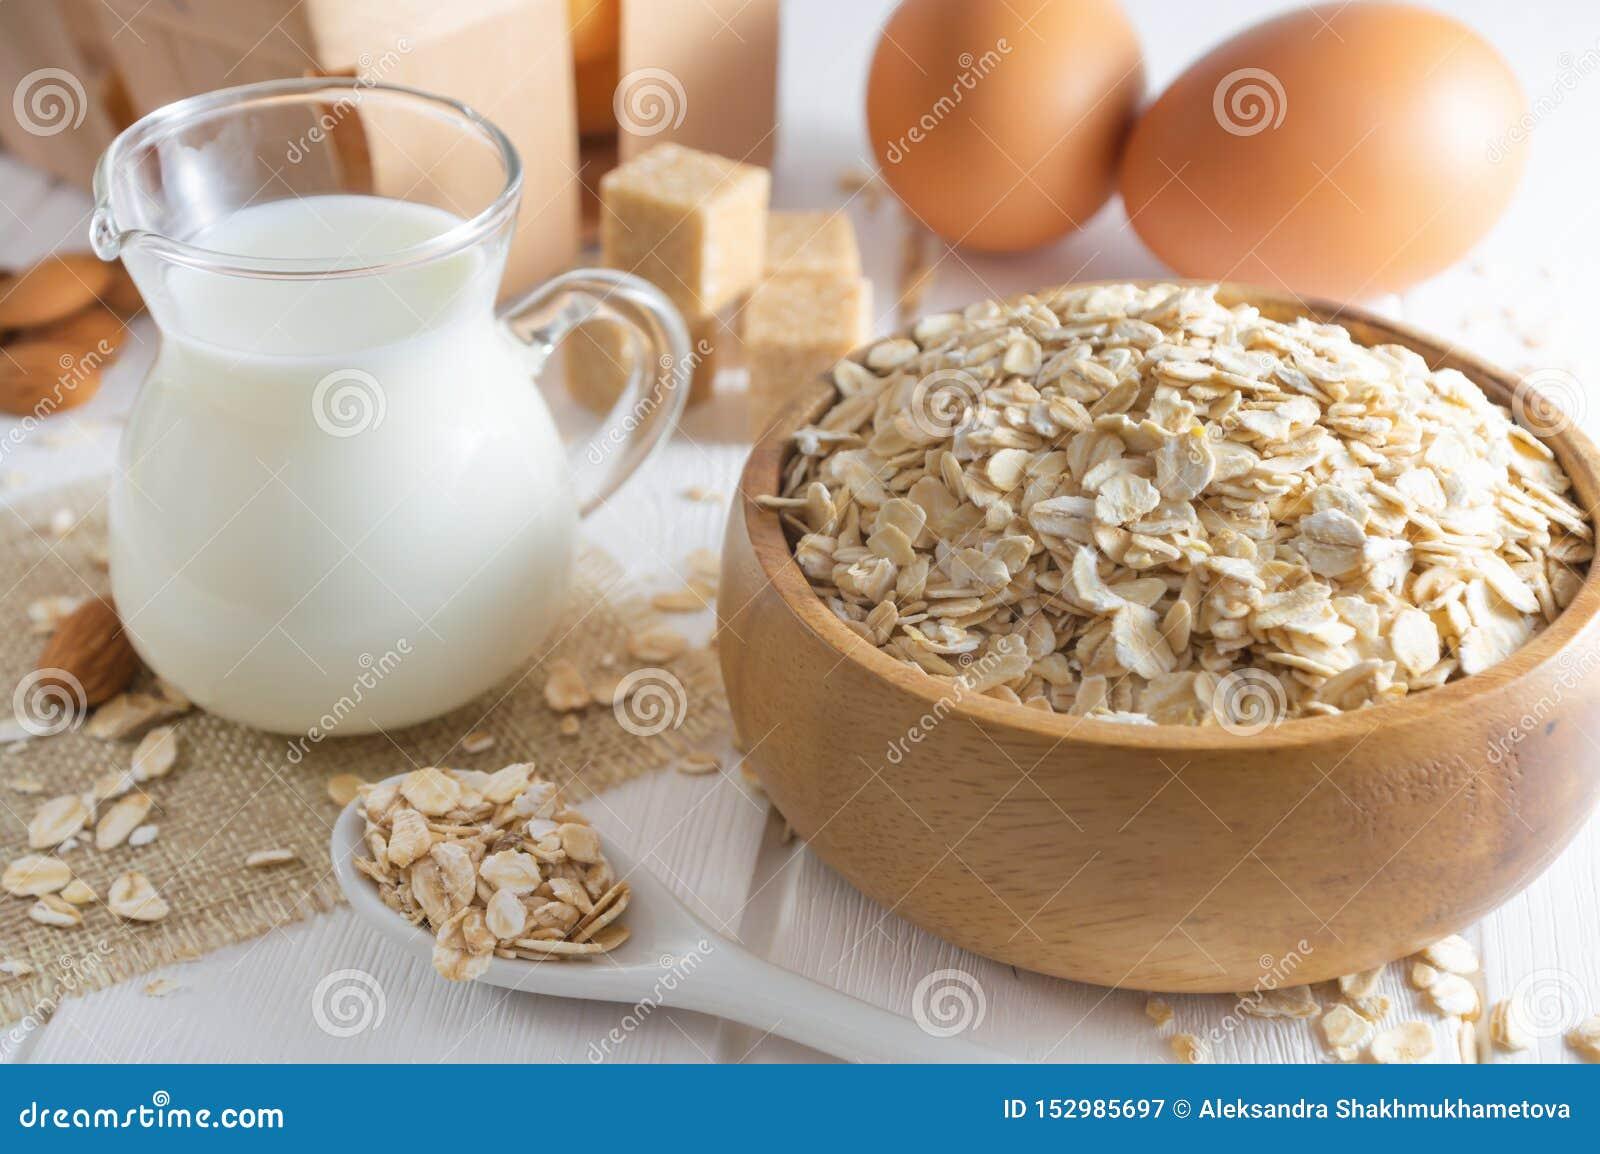 Organische havervlokken, verse melk en eieren gezond ontbijtconcept